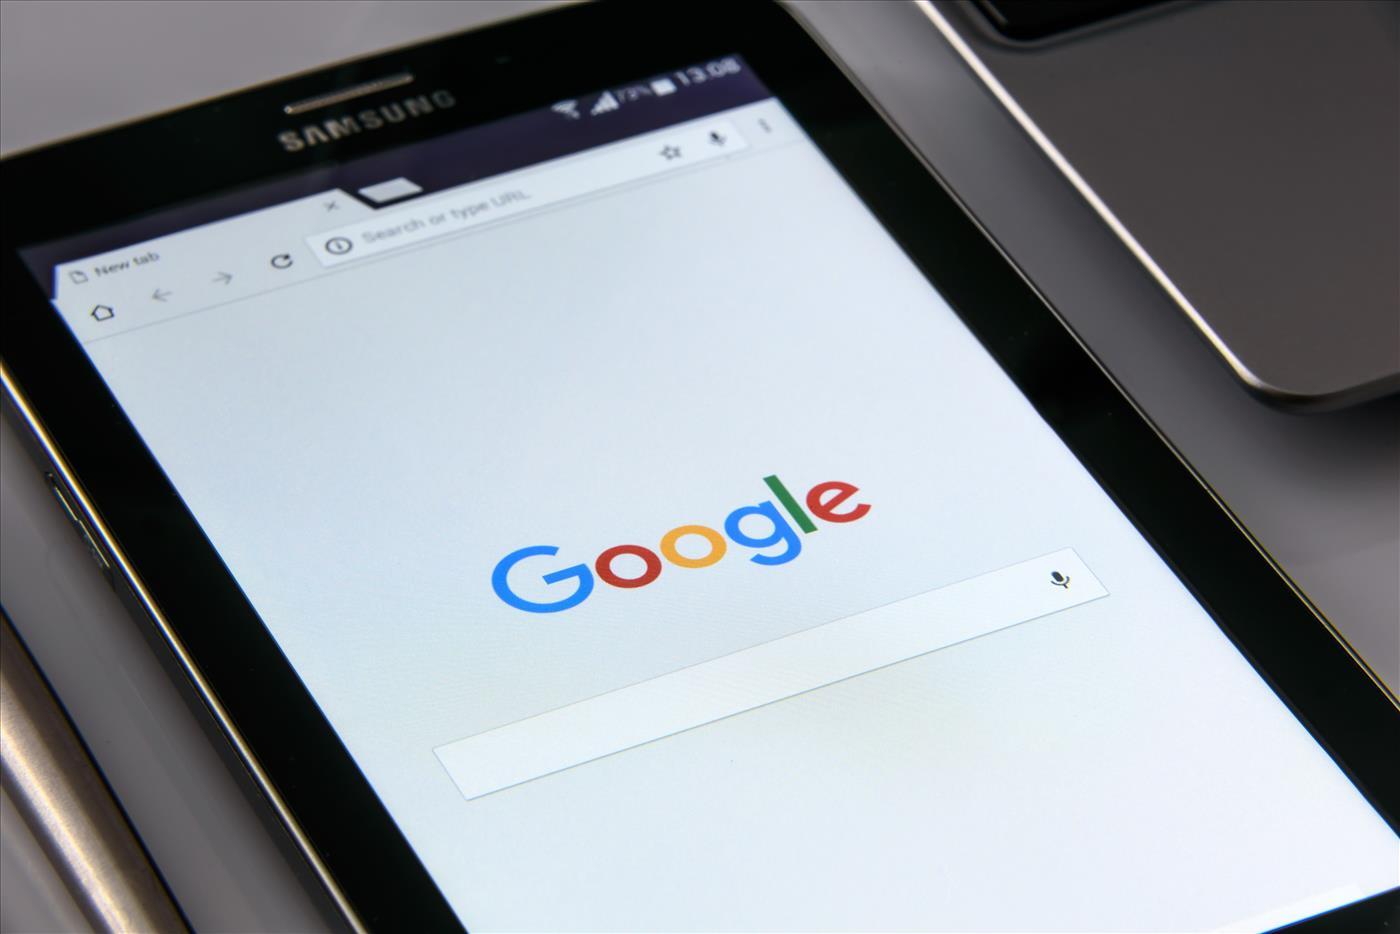 גוגל נסוגה: חשבונות גוגל פלוס יסגרו